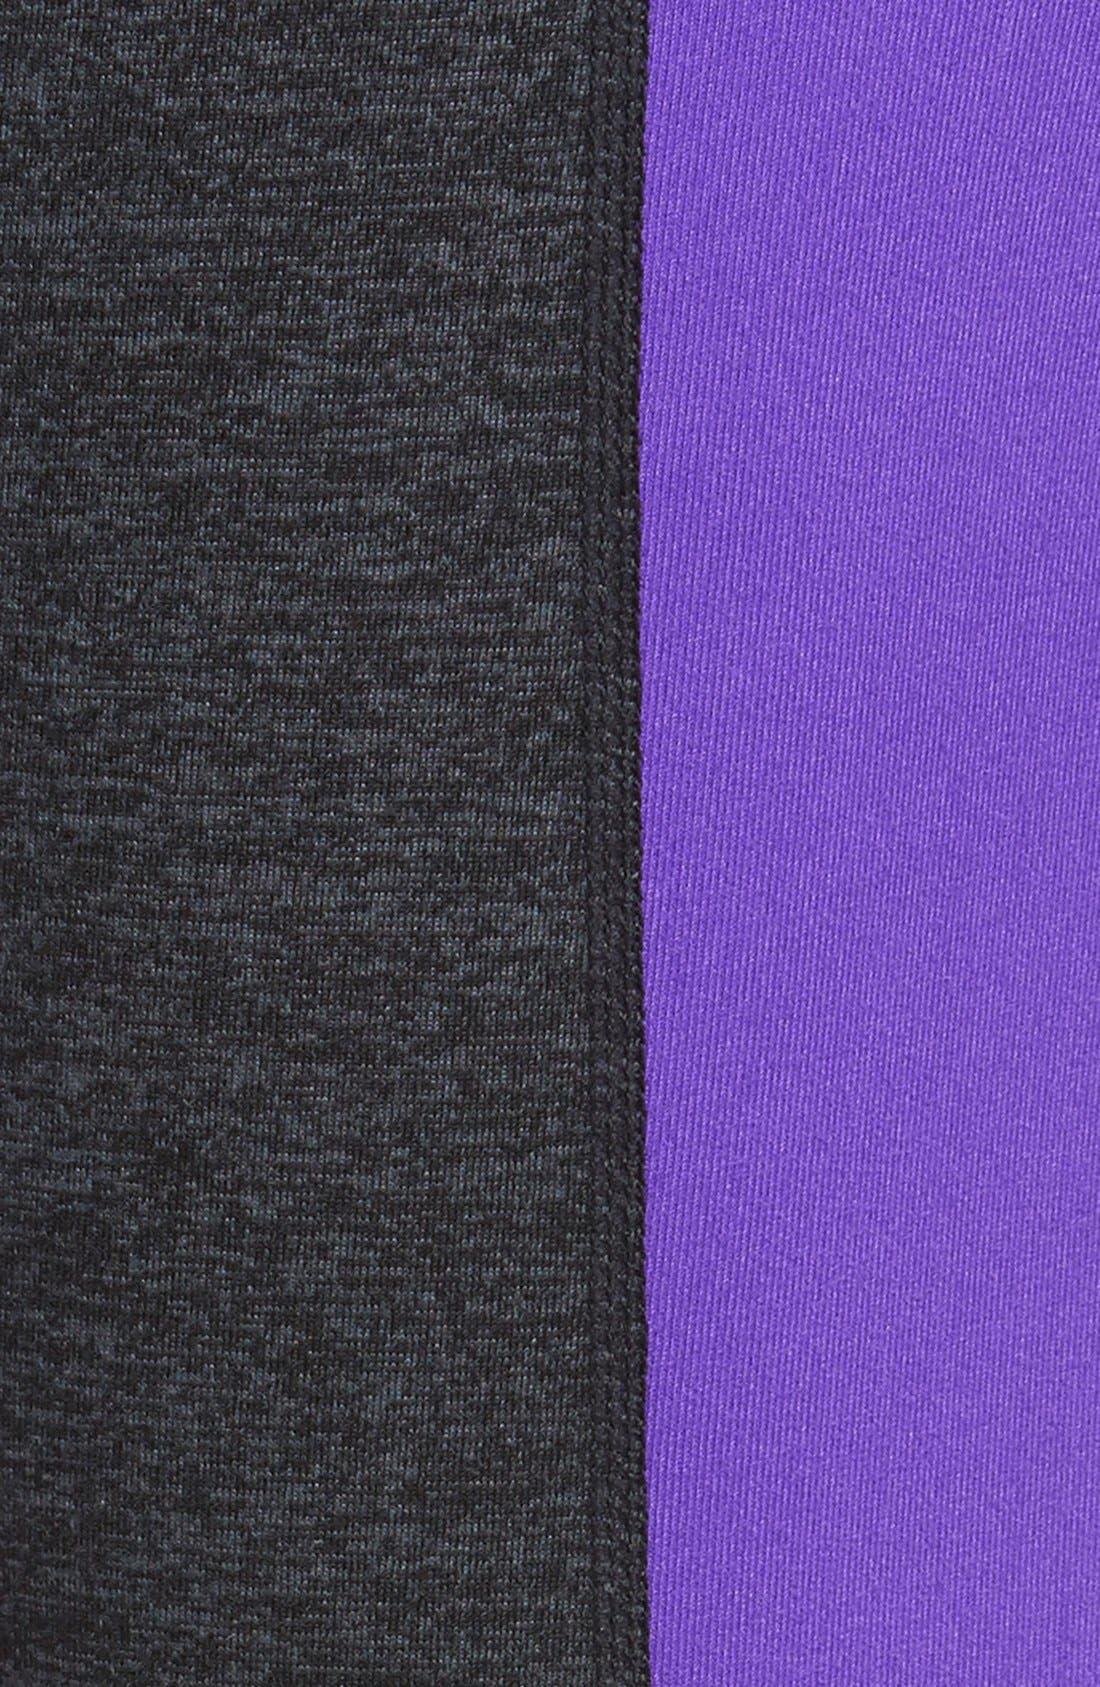 Alternate Image 3  - Zella 'Live In - Triple Blocked' Leggings (Cross Dye)